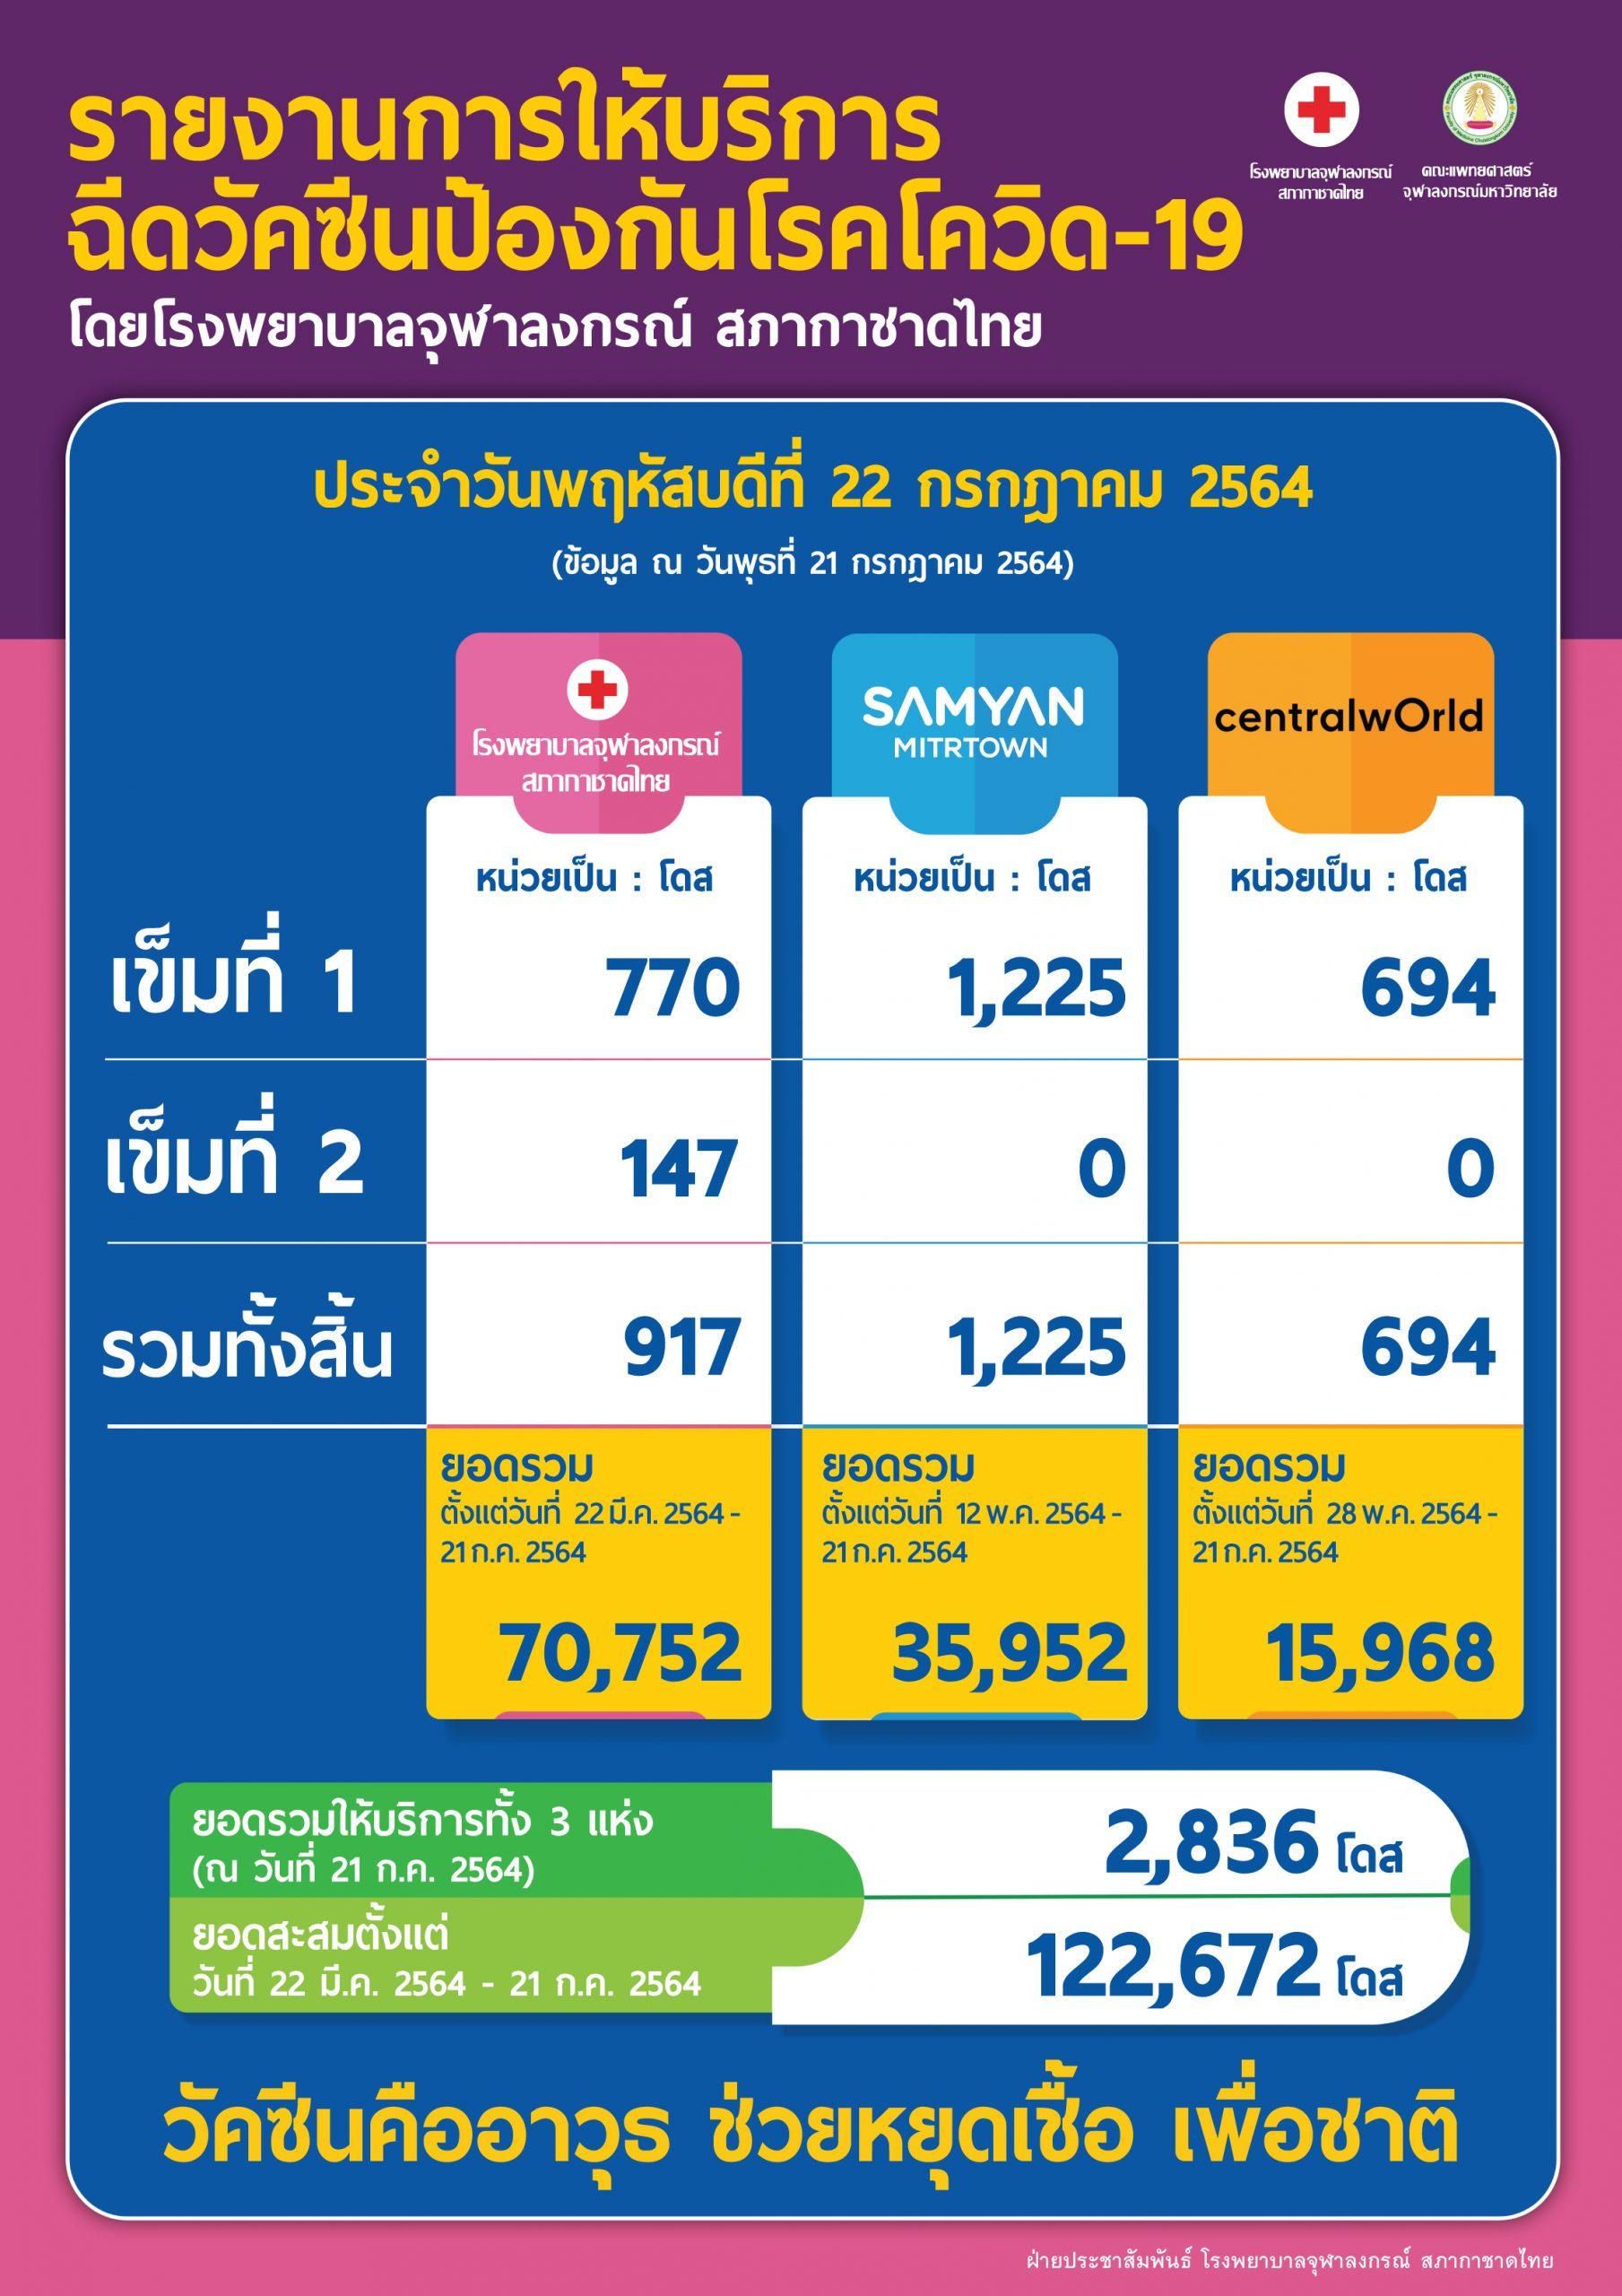 รายงานการให้บริการฉีดวัคซีนป้องกันโรคโควิด-19 โดยโรงพยาบาลจุฬาลงกรณ์ สภากาชาดไทย ประจำวันพฤหัสบดีที่ 22 กรกฎาคม 2564